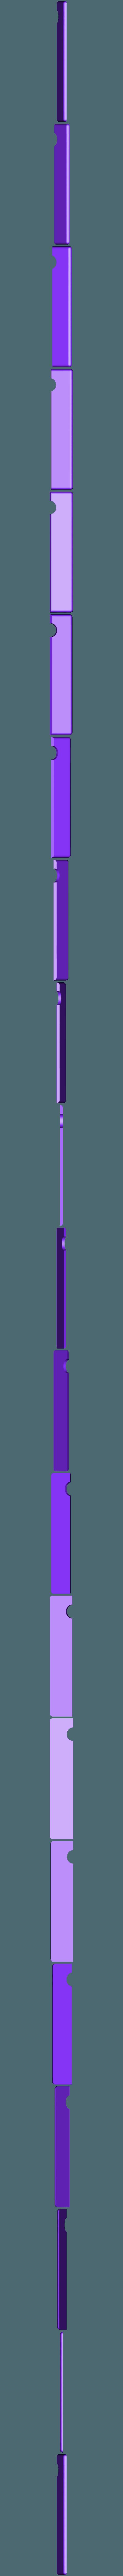 Forearm-Right-White.stl Download free STL file Big Optimus Prime! - Multi Material Model • 3D printer model, ChaosCoreTech